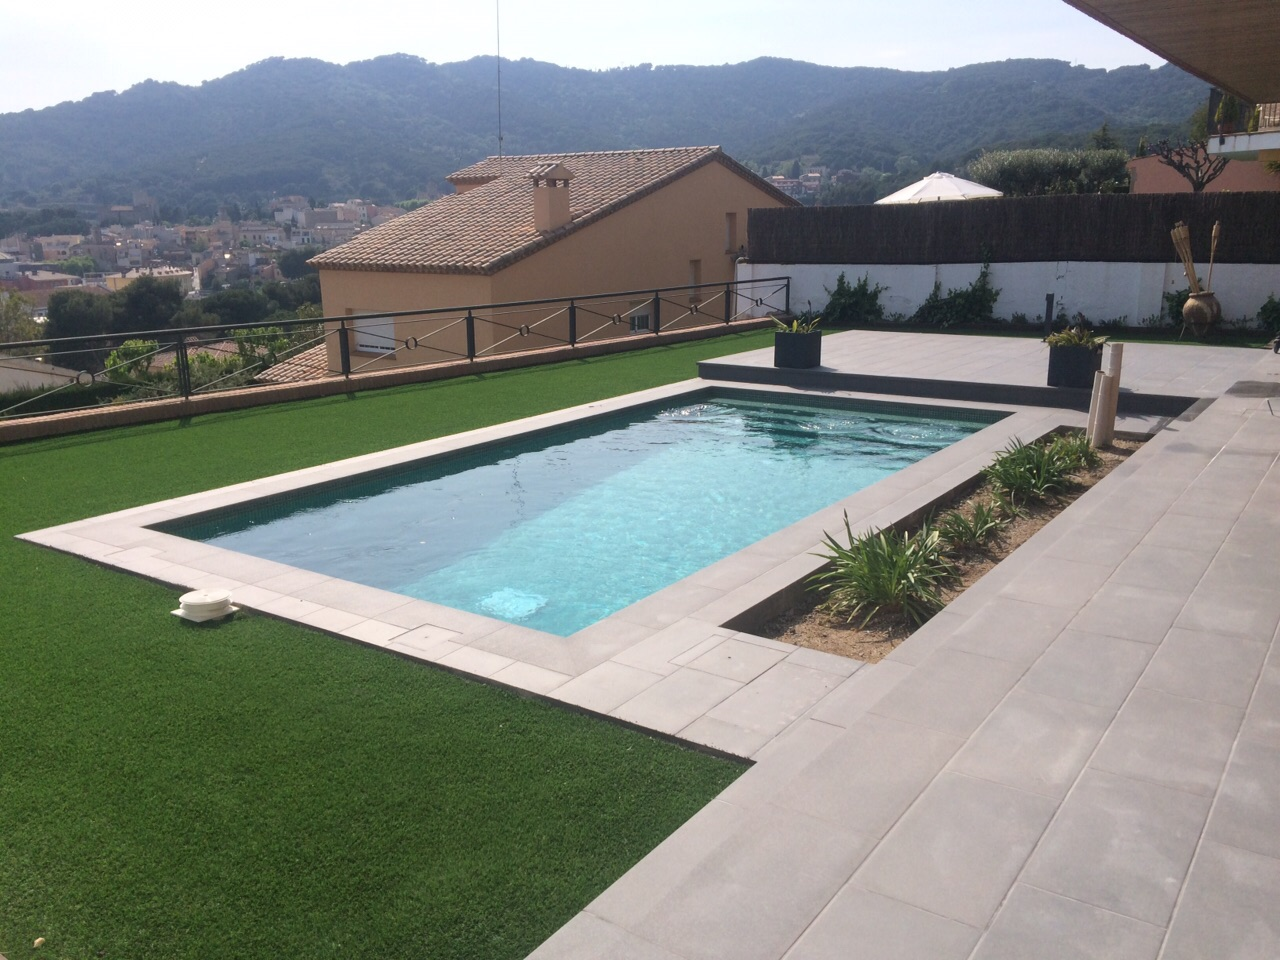 construcci n piscina vilassar de mar piscinas aop